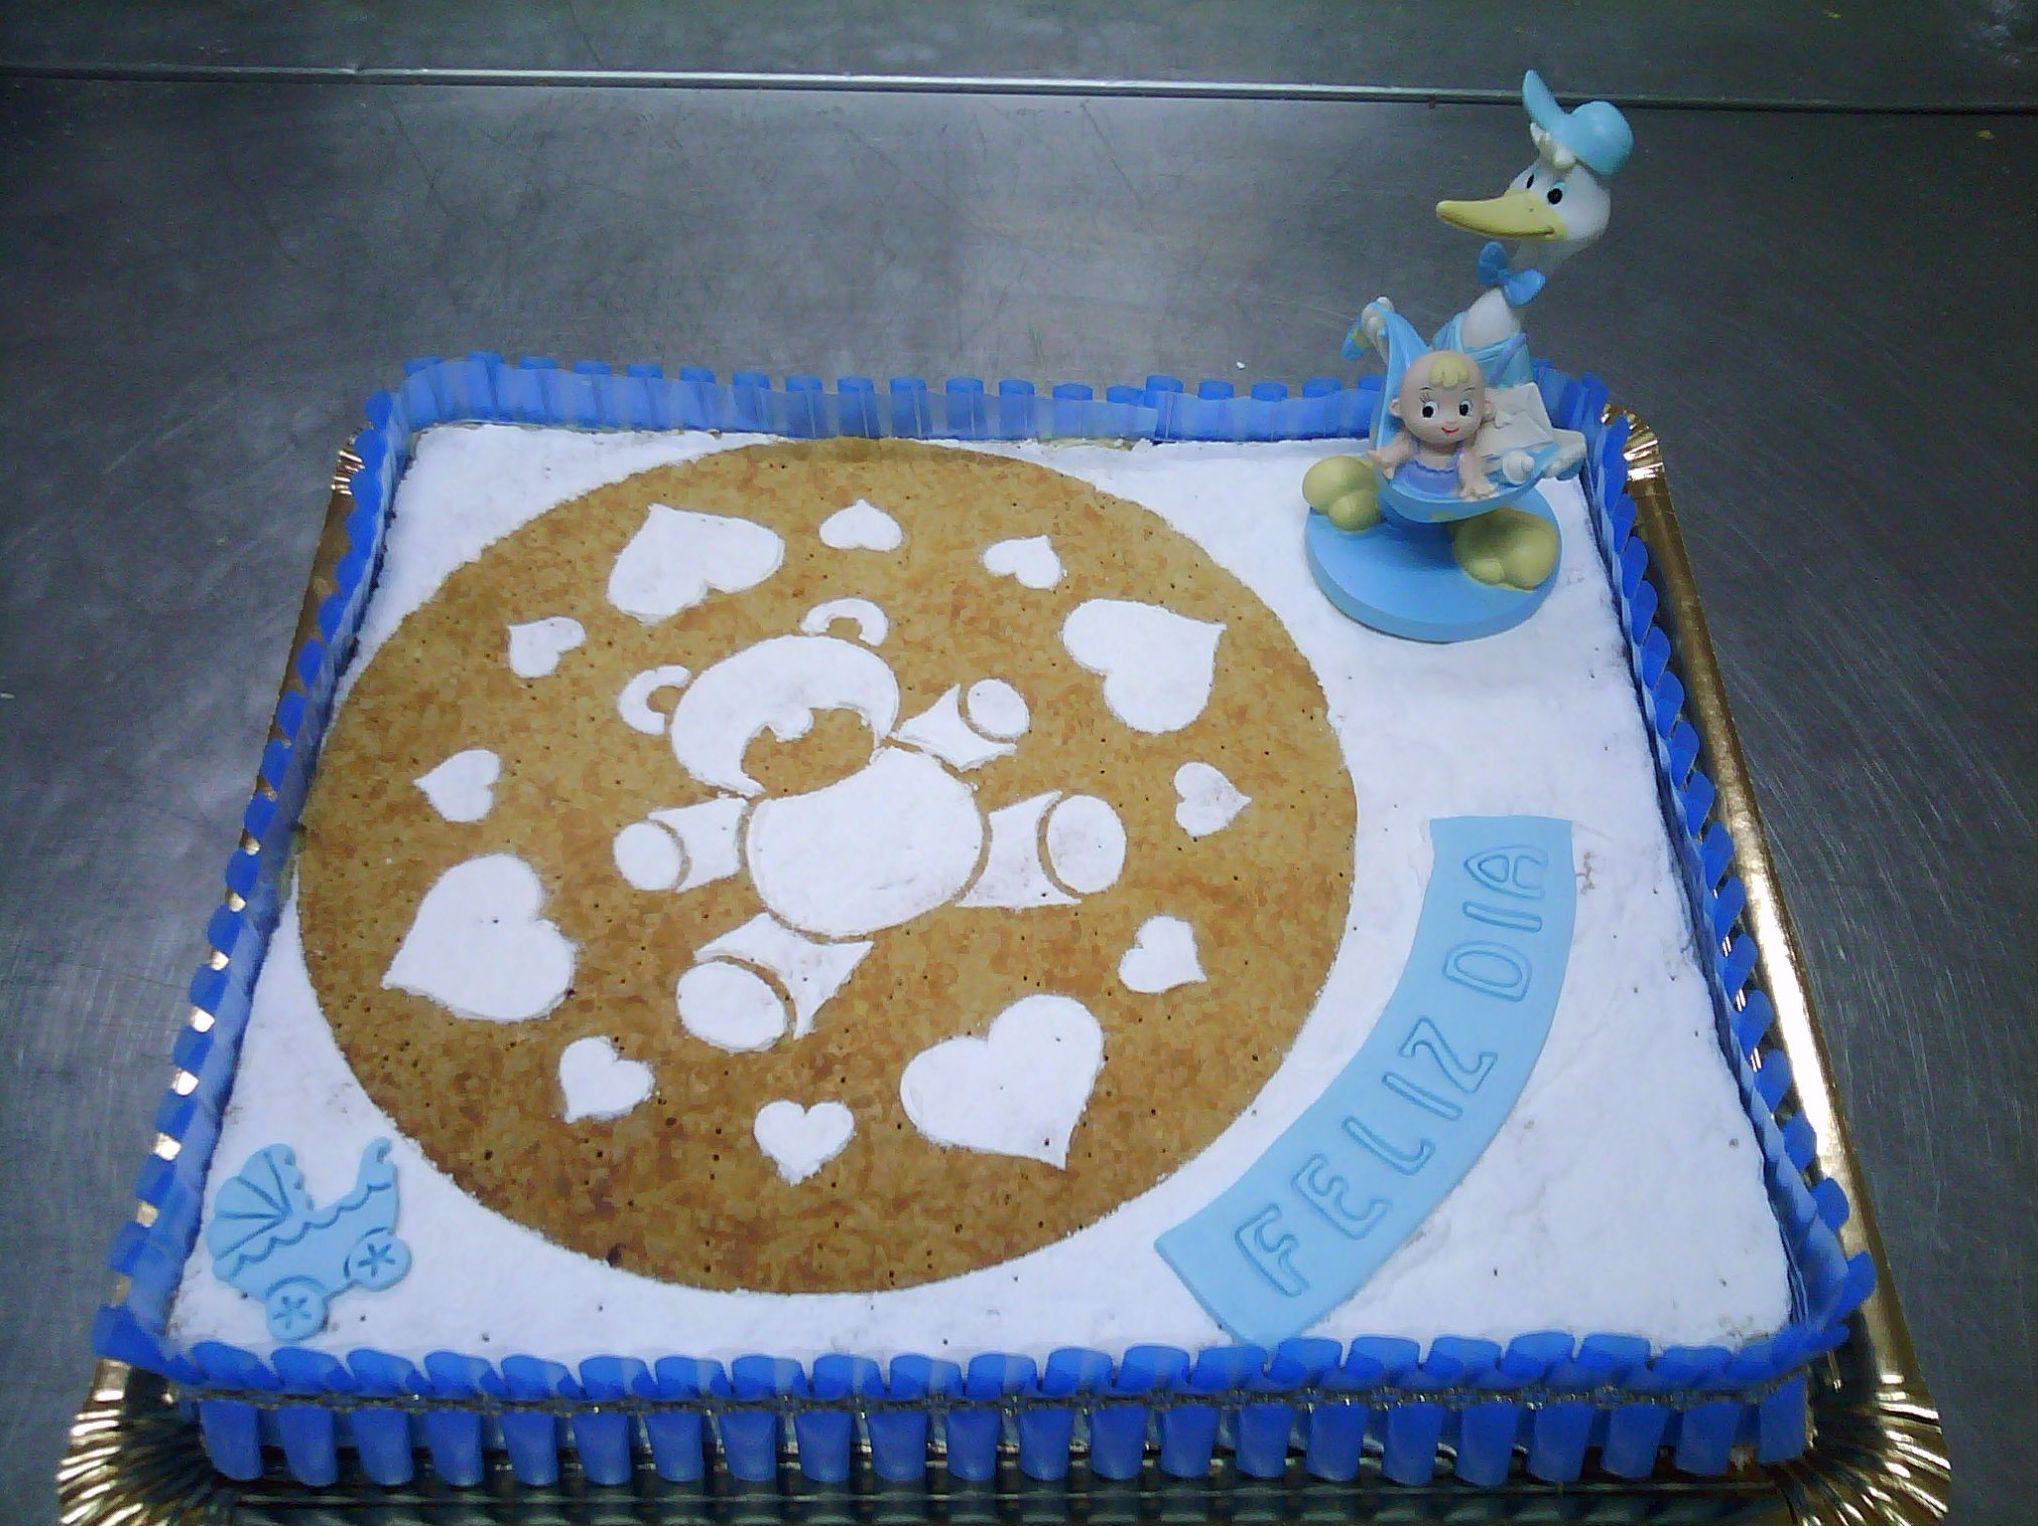 Foto 24 de Panadería y pastelería con gluten y sin gluten en Narón | Pastelería Santy